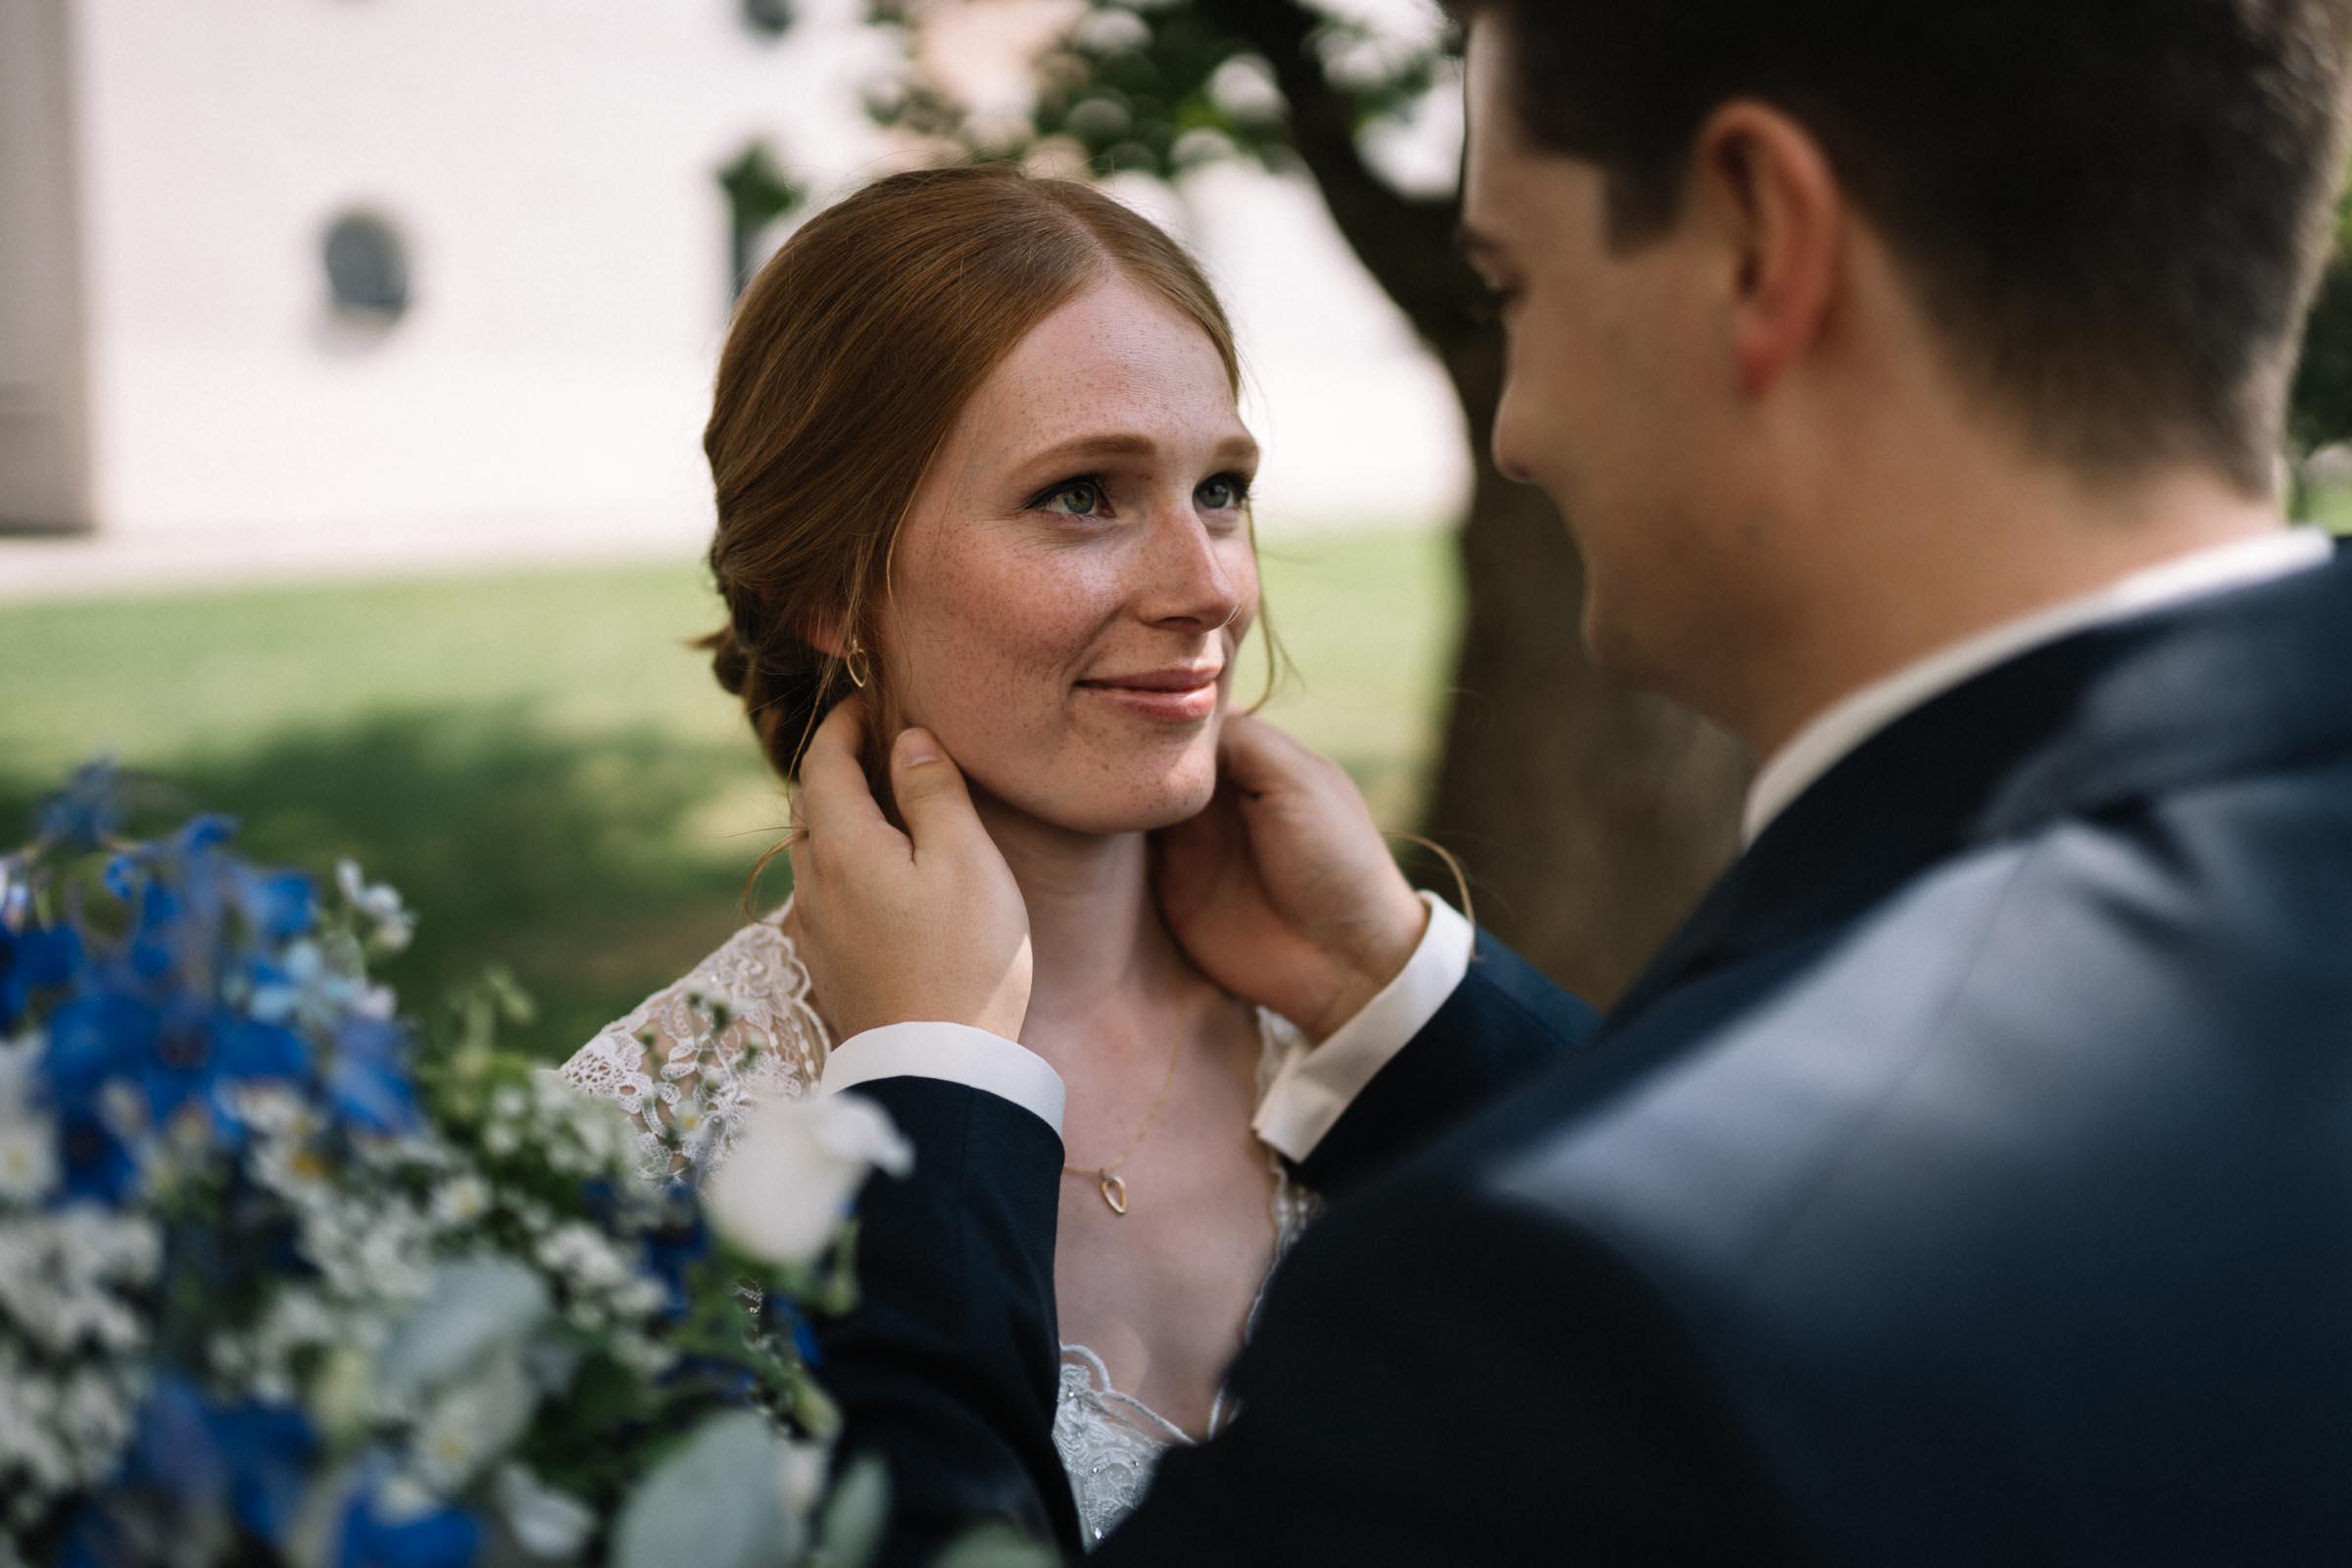 Der Bräutigam hält den Kopf der Braut.